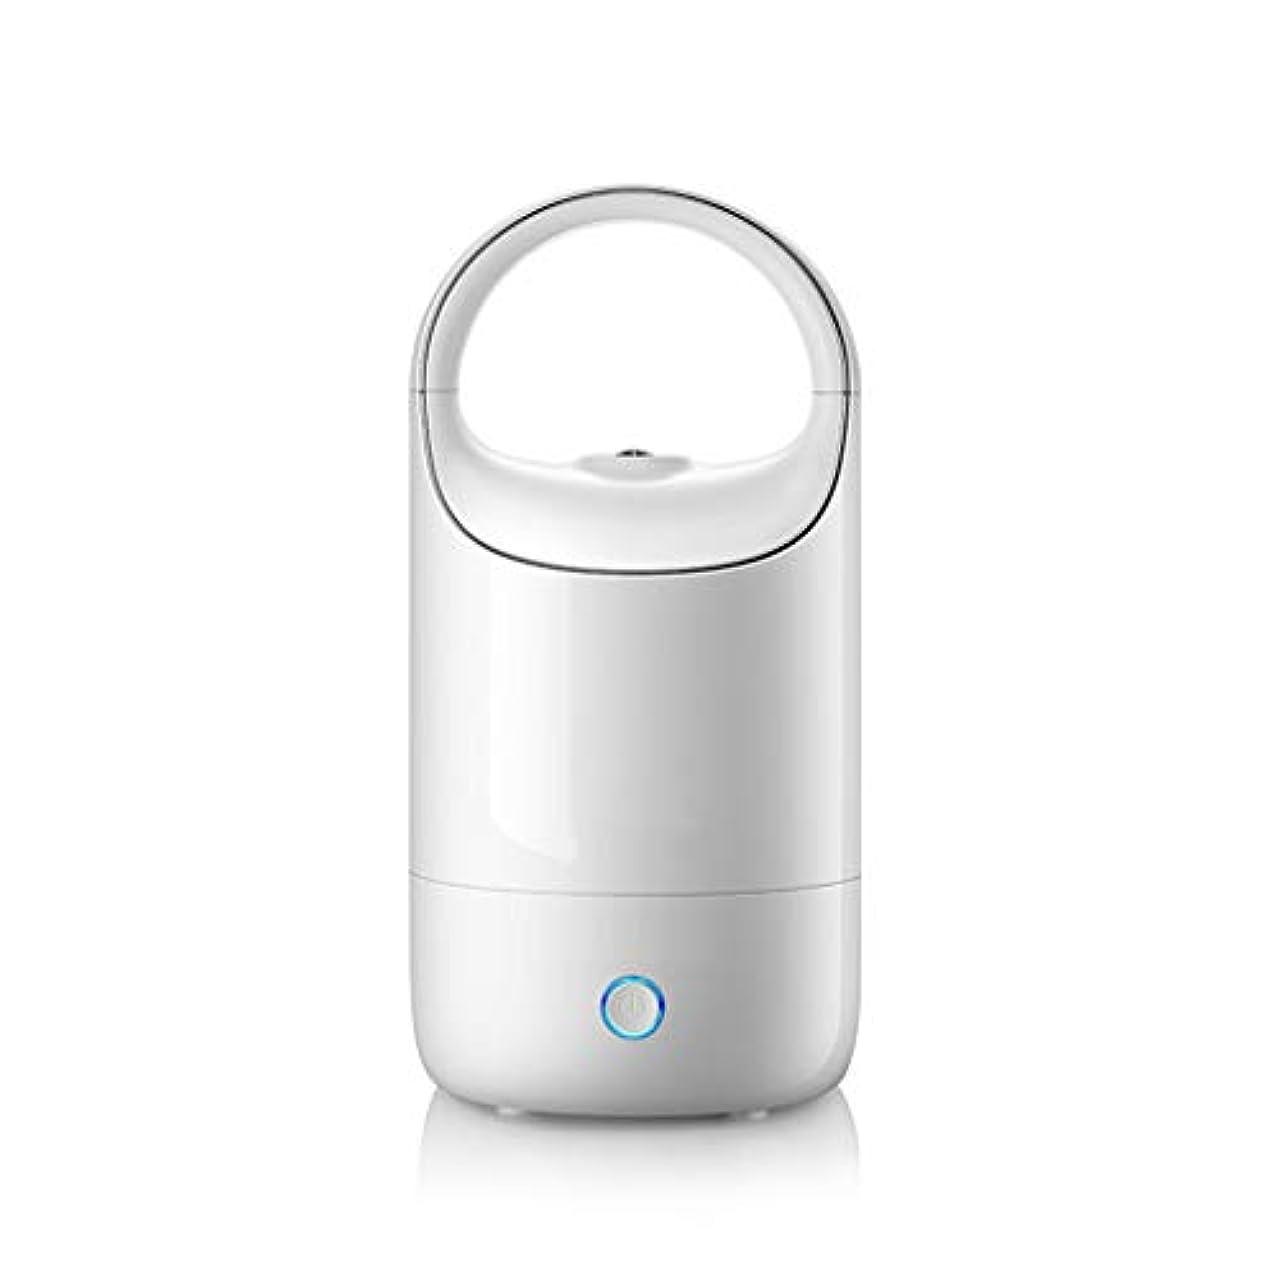 似ているなぞらえる貫通空気加湿器ホームサイレント寝室妊婦赤ちゃん空気霧大容量ディフューザー (Color : White)